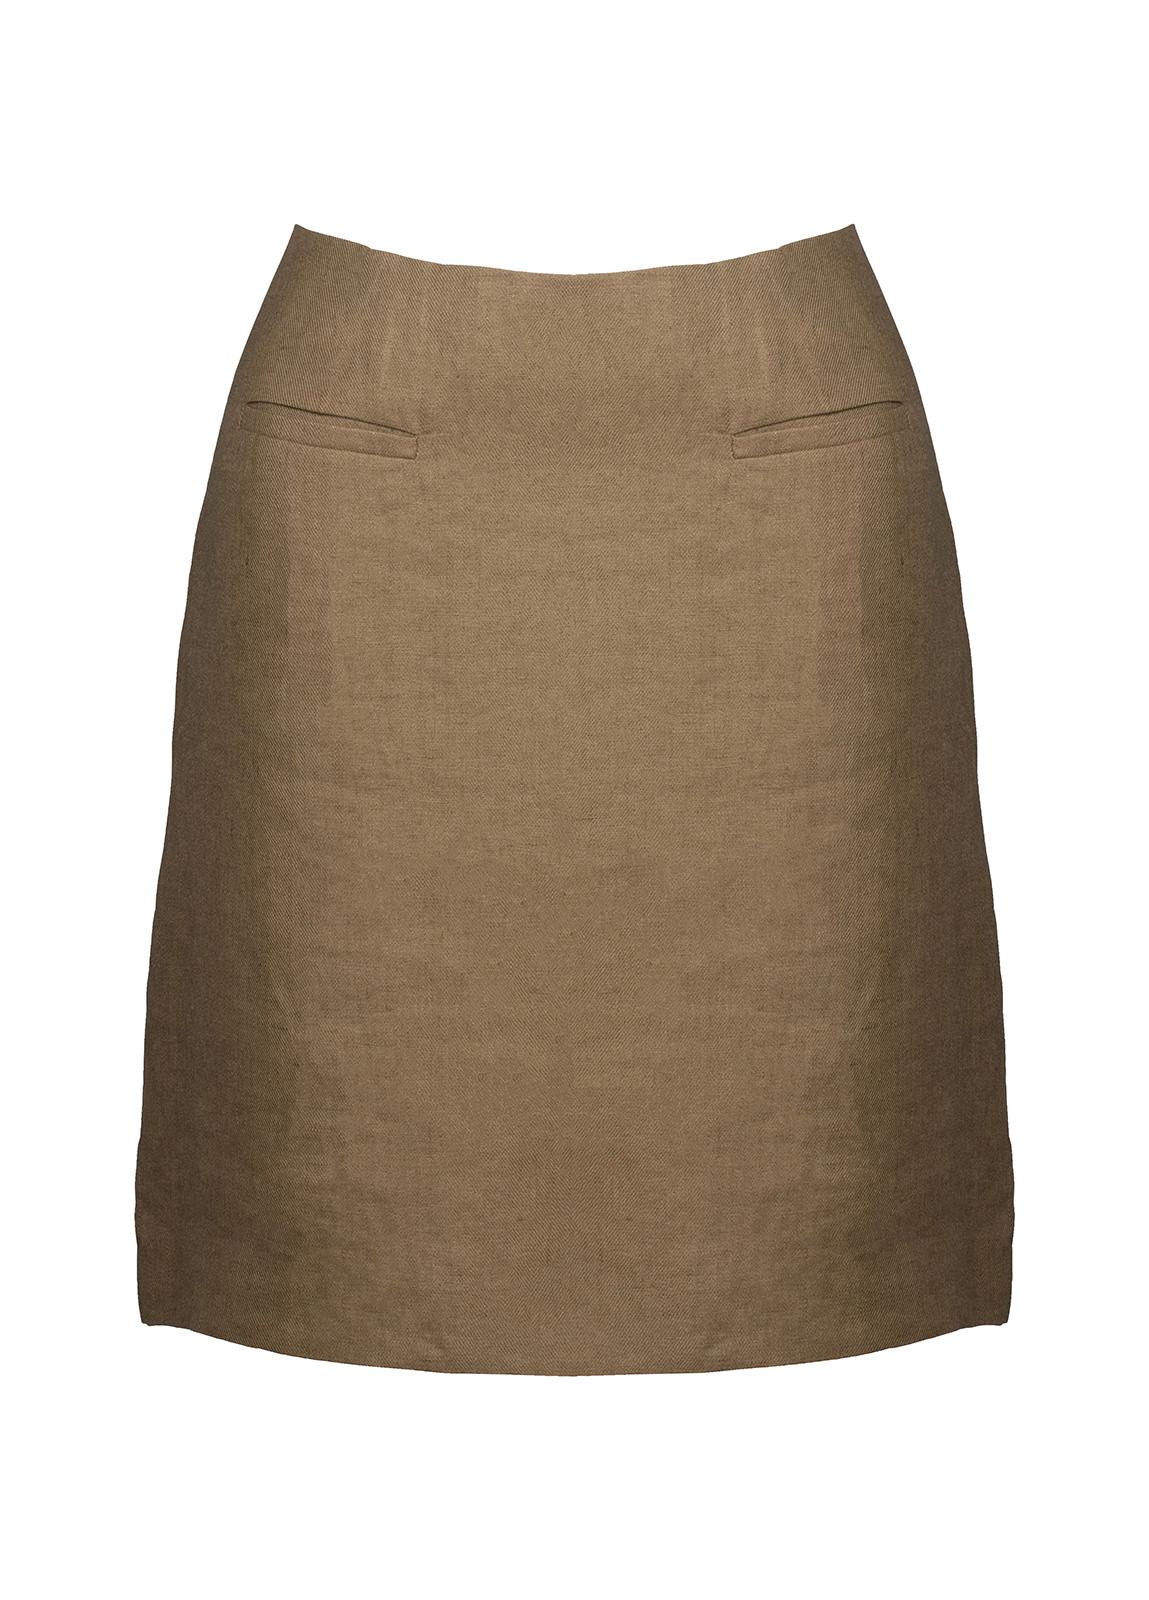 Dubarry_ Sunflower Linen Ladies Skirt - Ruby Red_Image_2